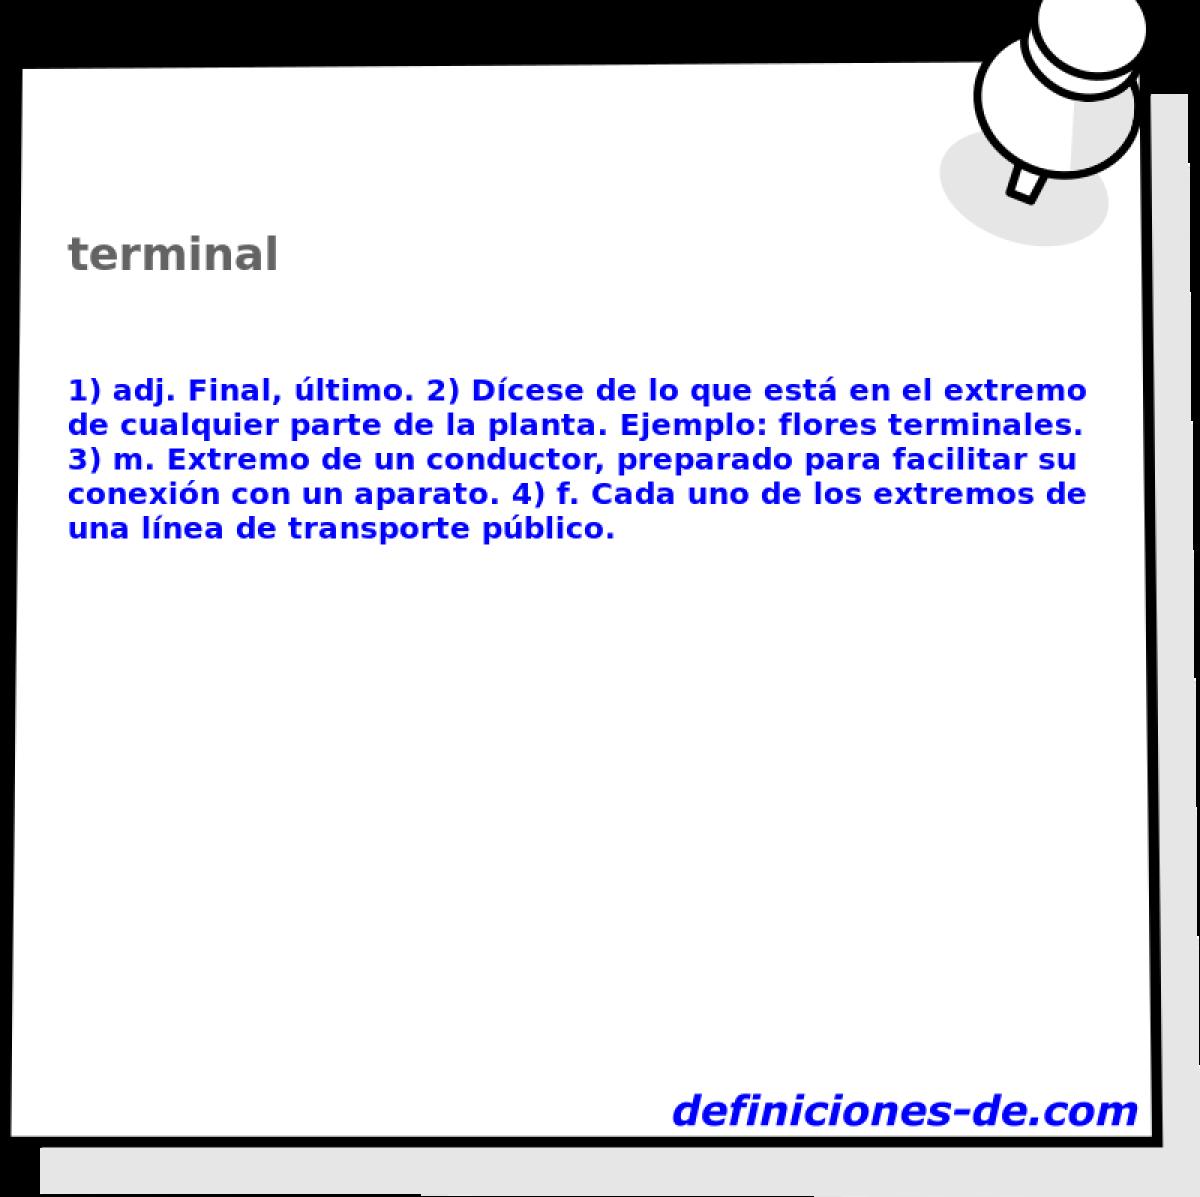 Terminales de dirección definicion